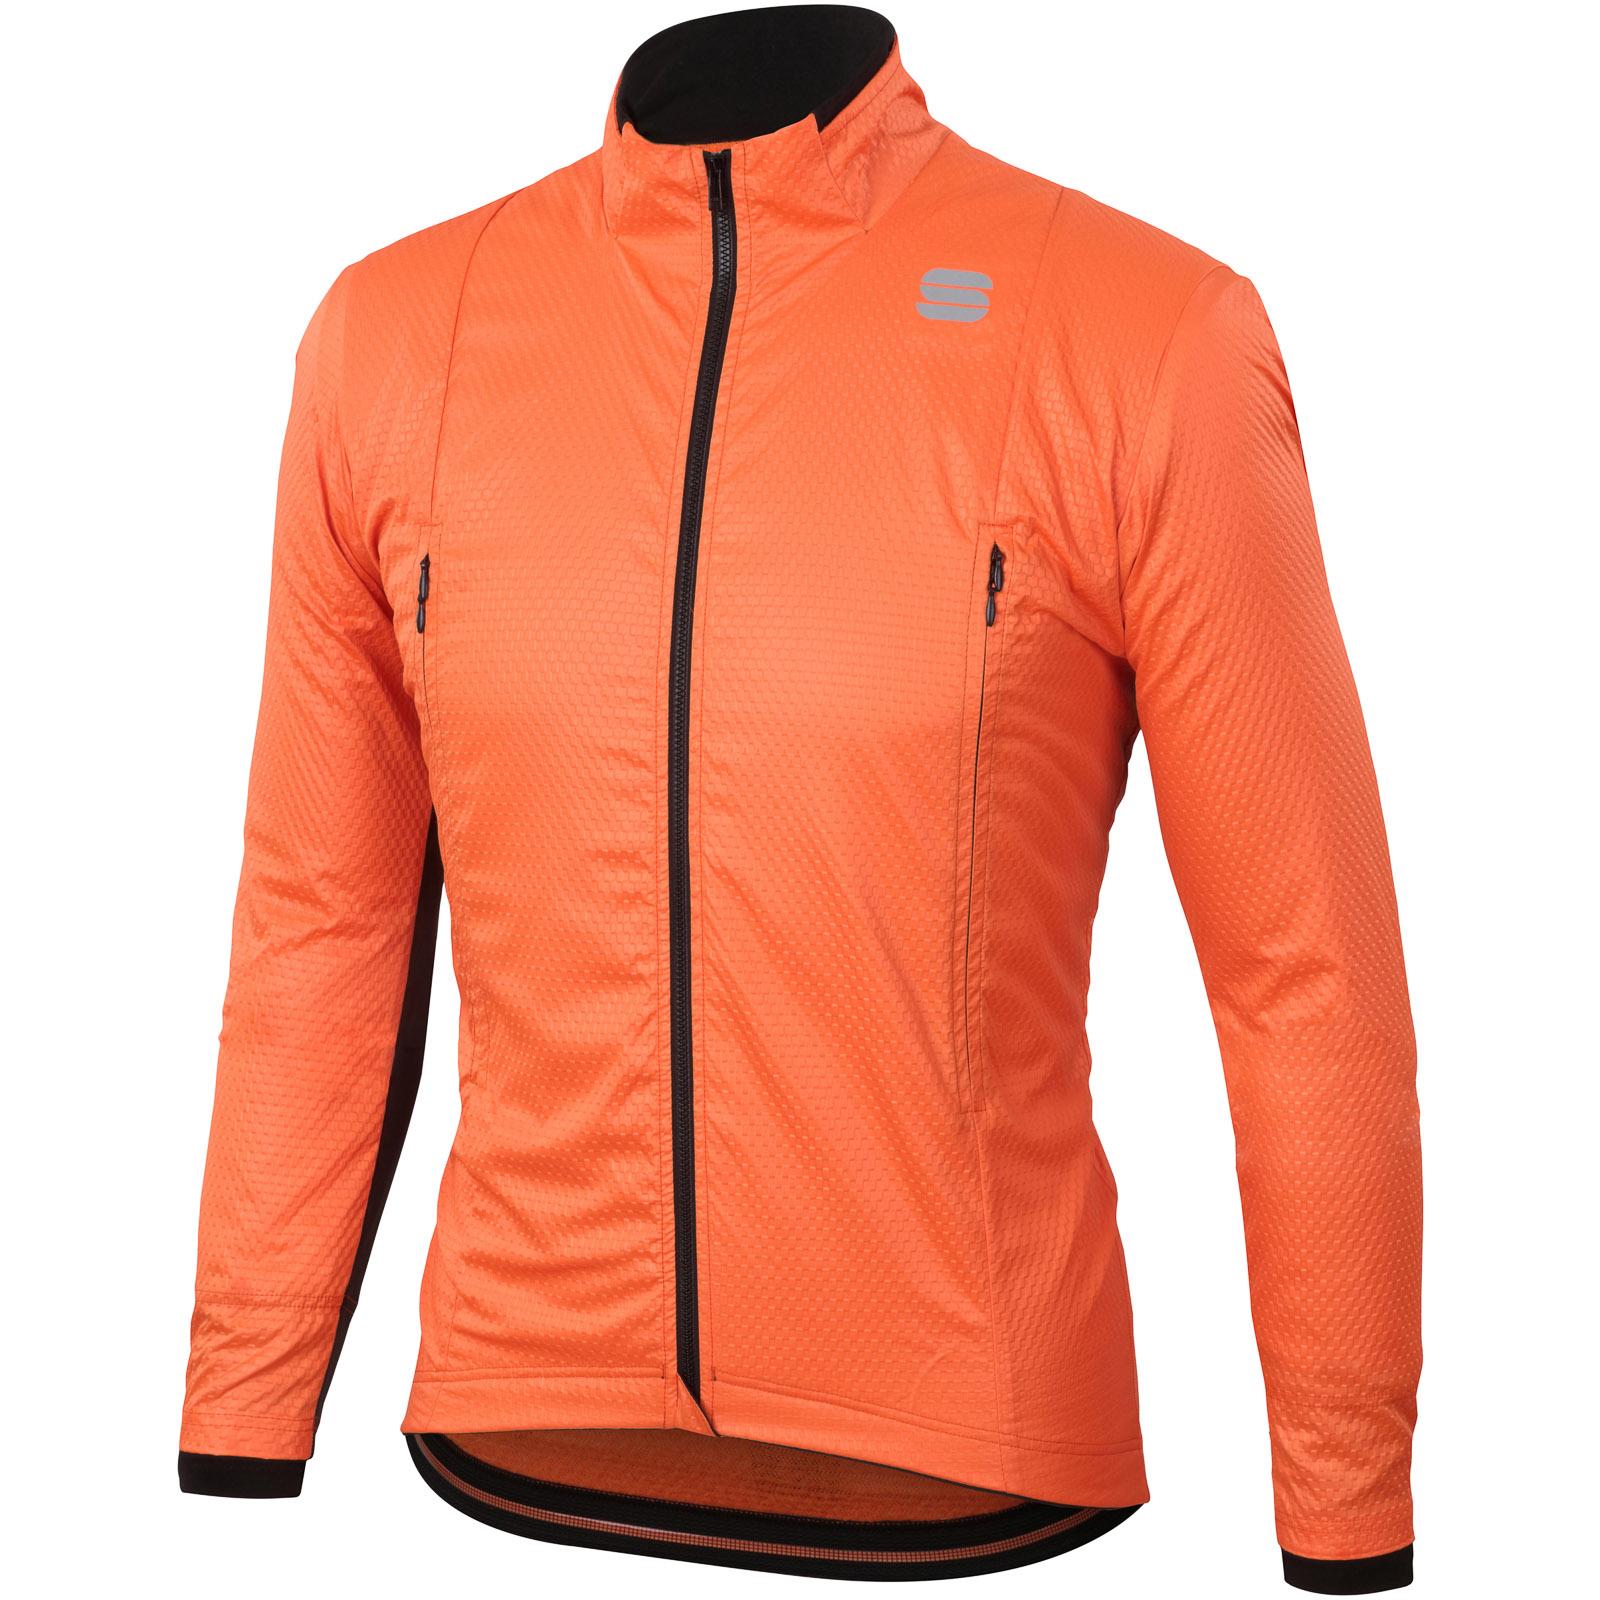 2e7eaf96096b8 Cyklistické bundy vesty | Strana 3 | Davorin.sk